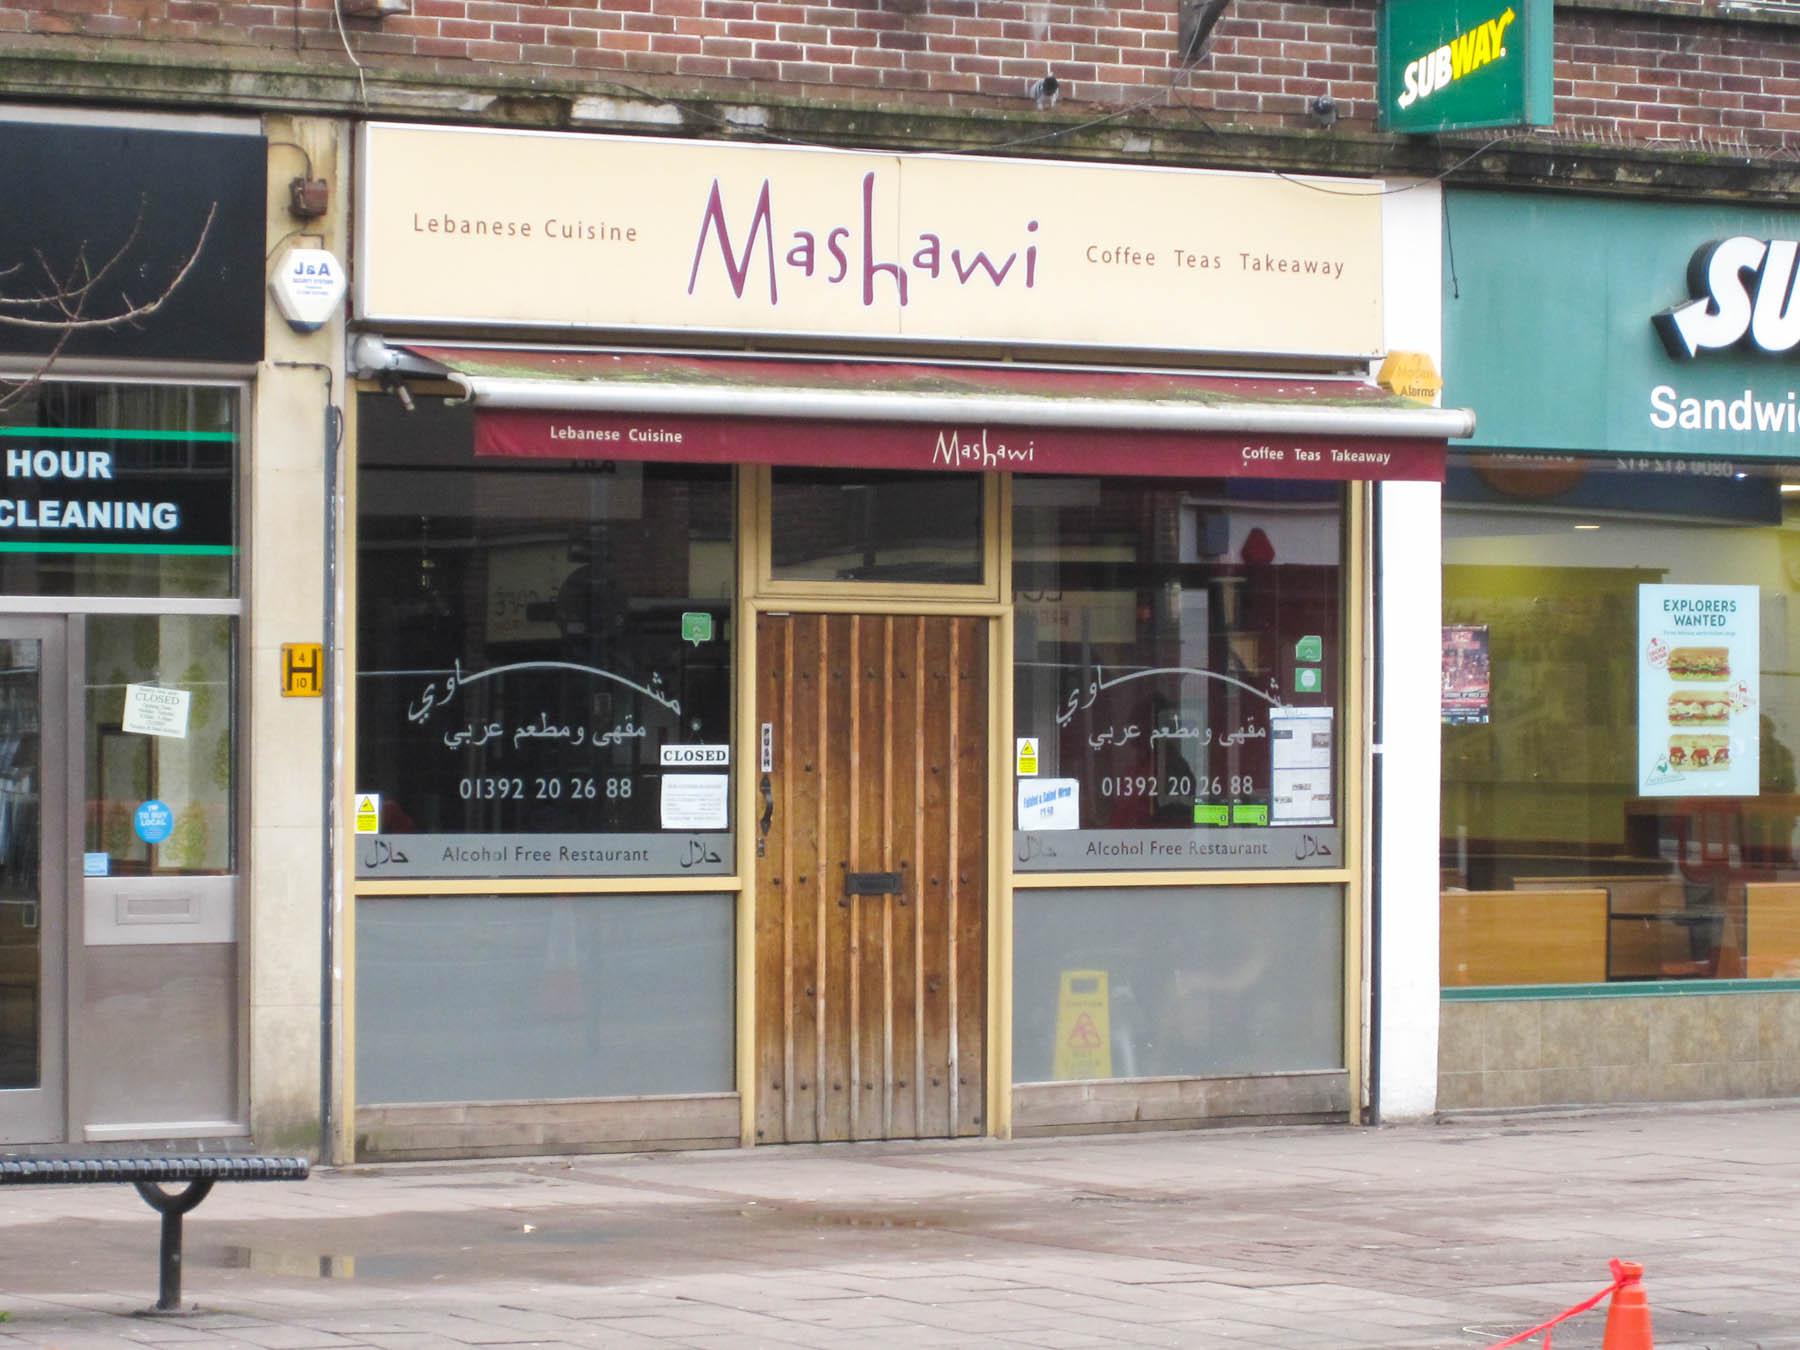 Mashawi - Exeter